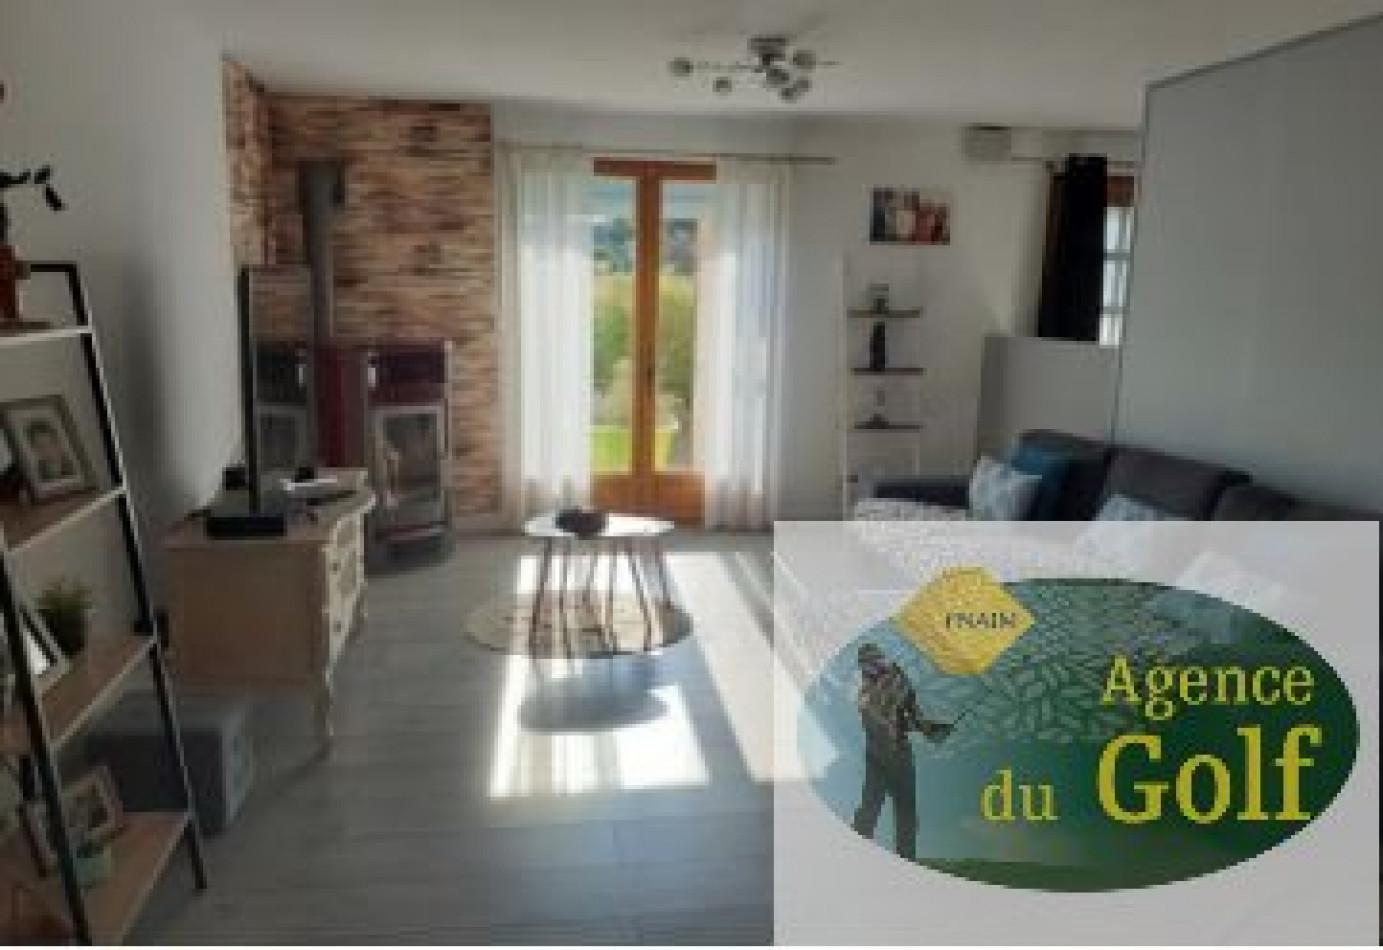 A vendre  Merlimont | Réf 620103022 - Agence du golf